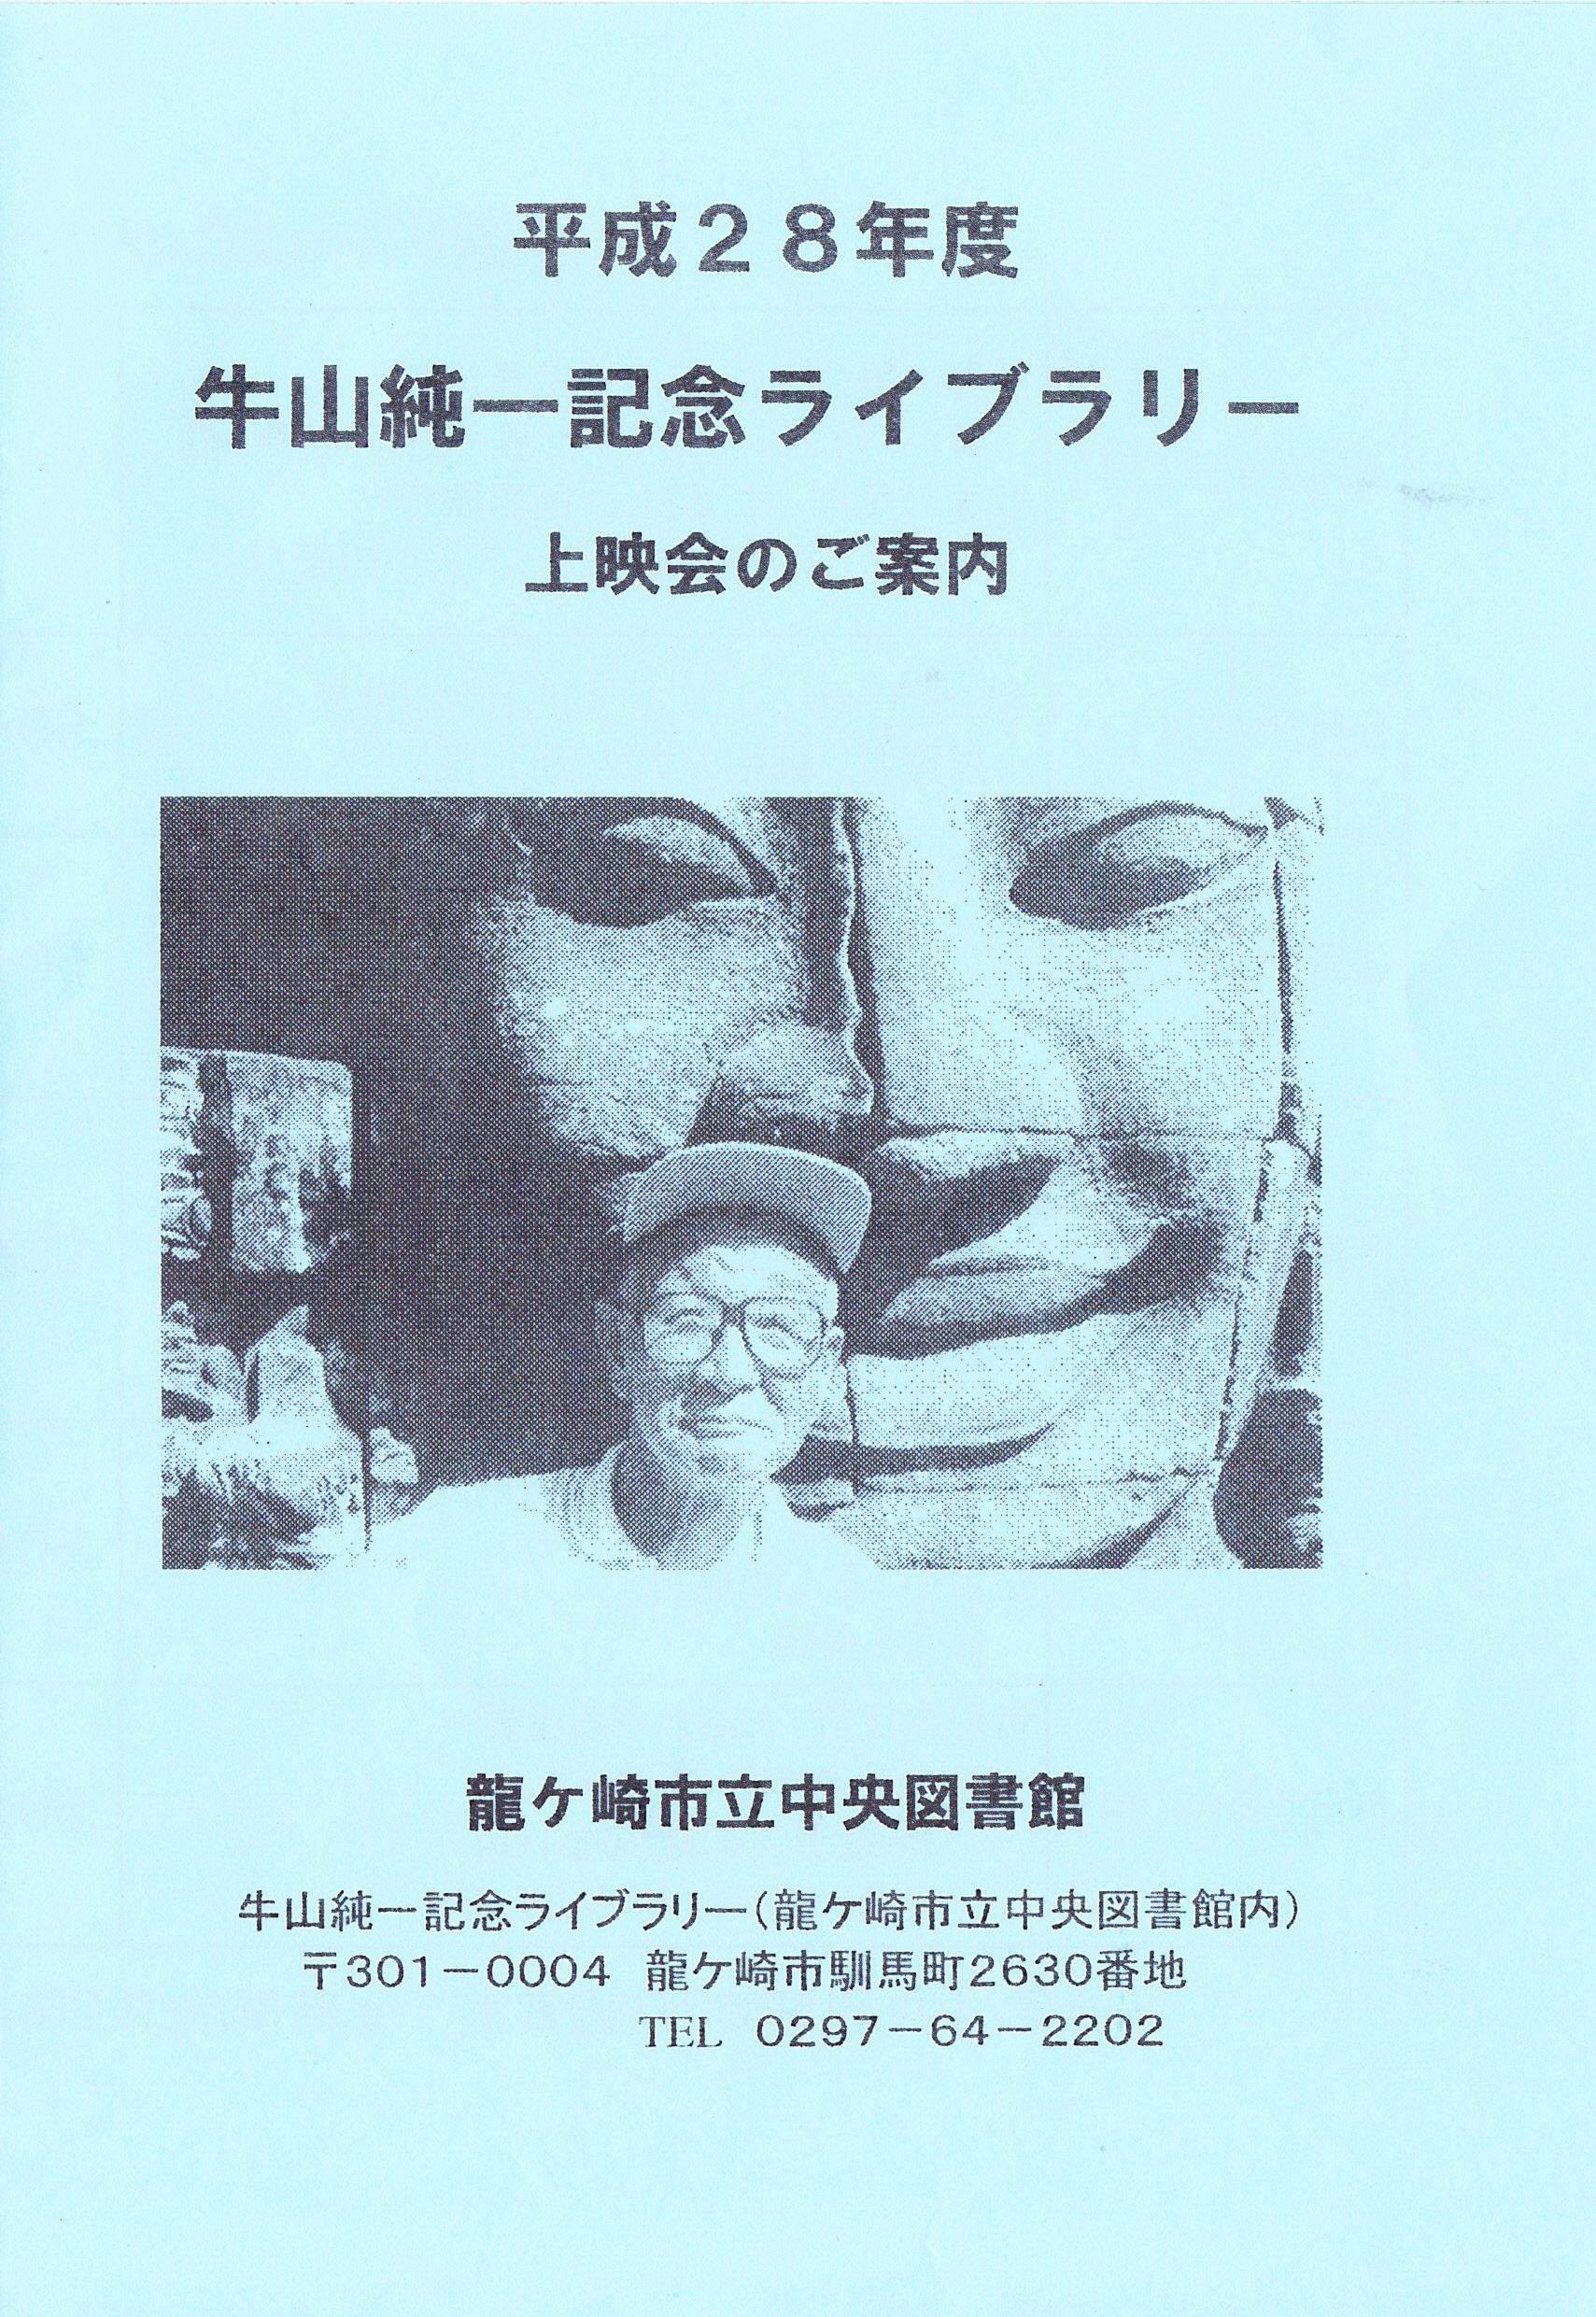 牛山2 (2)